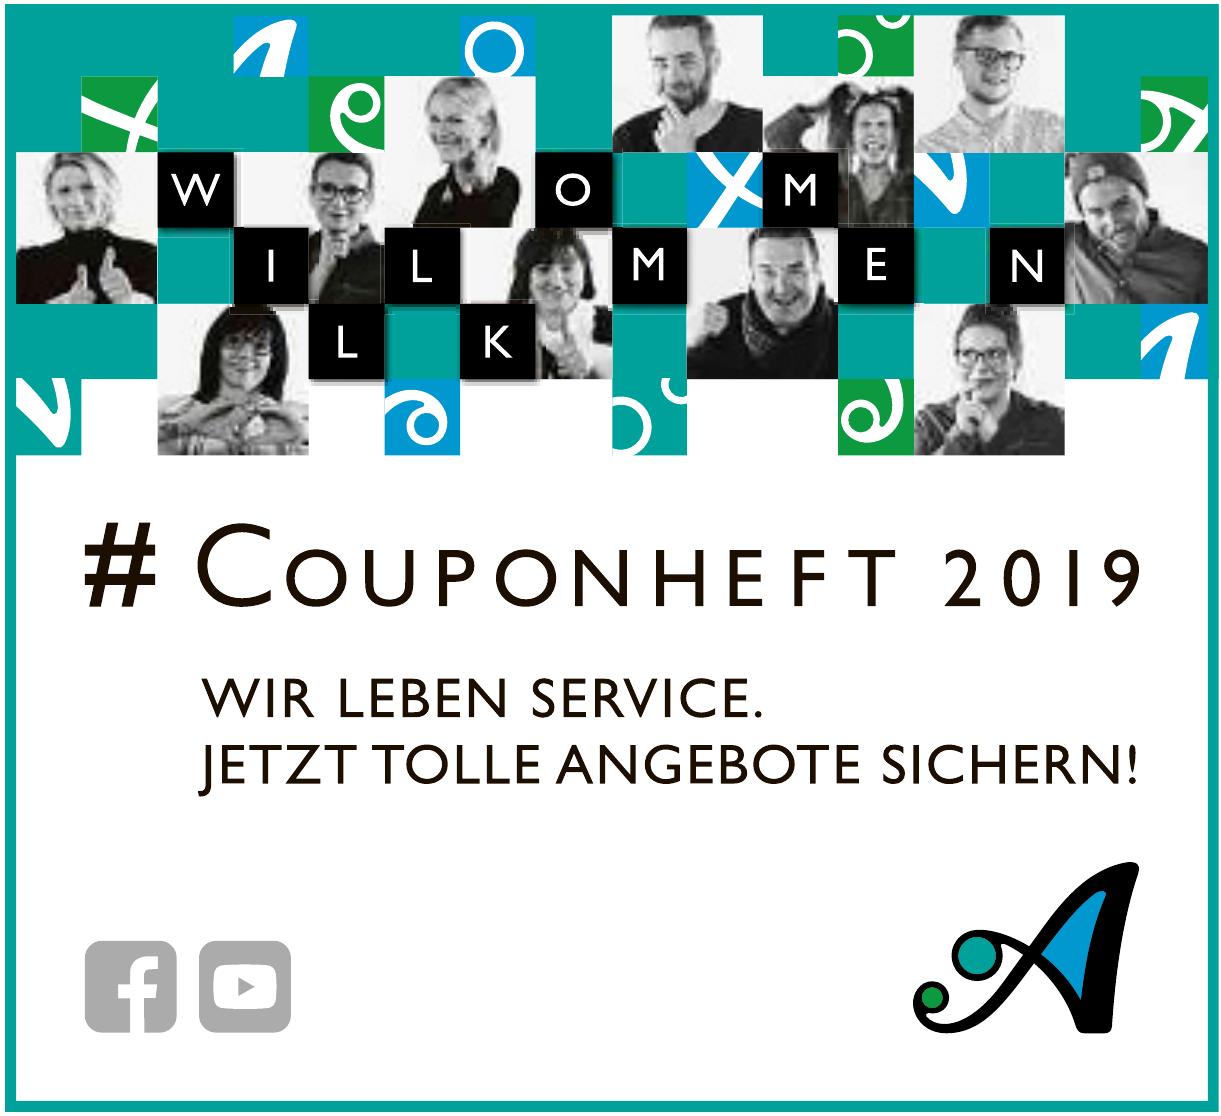 Couponheft 2019